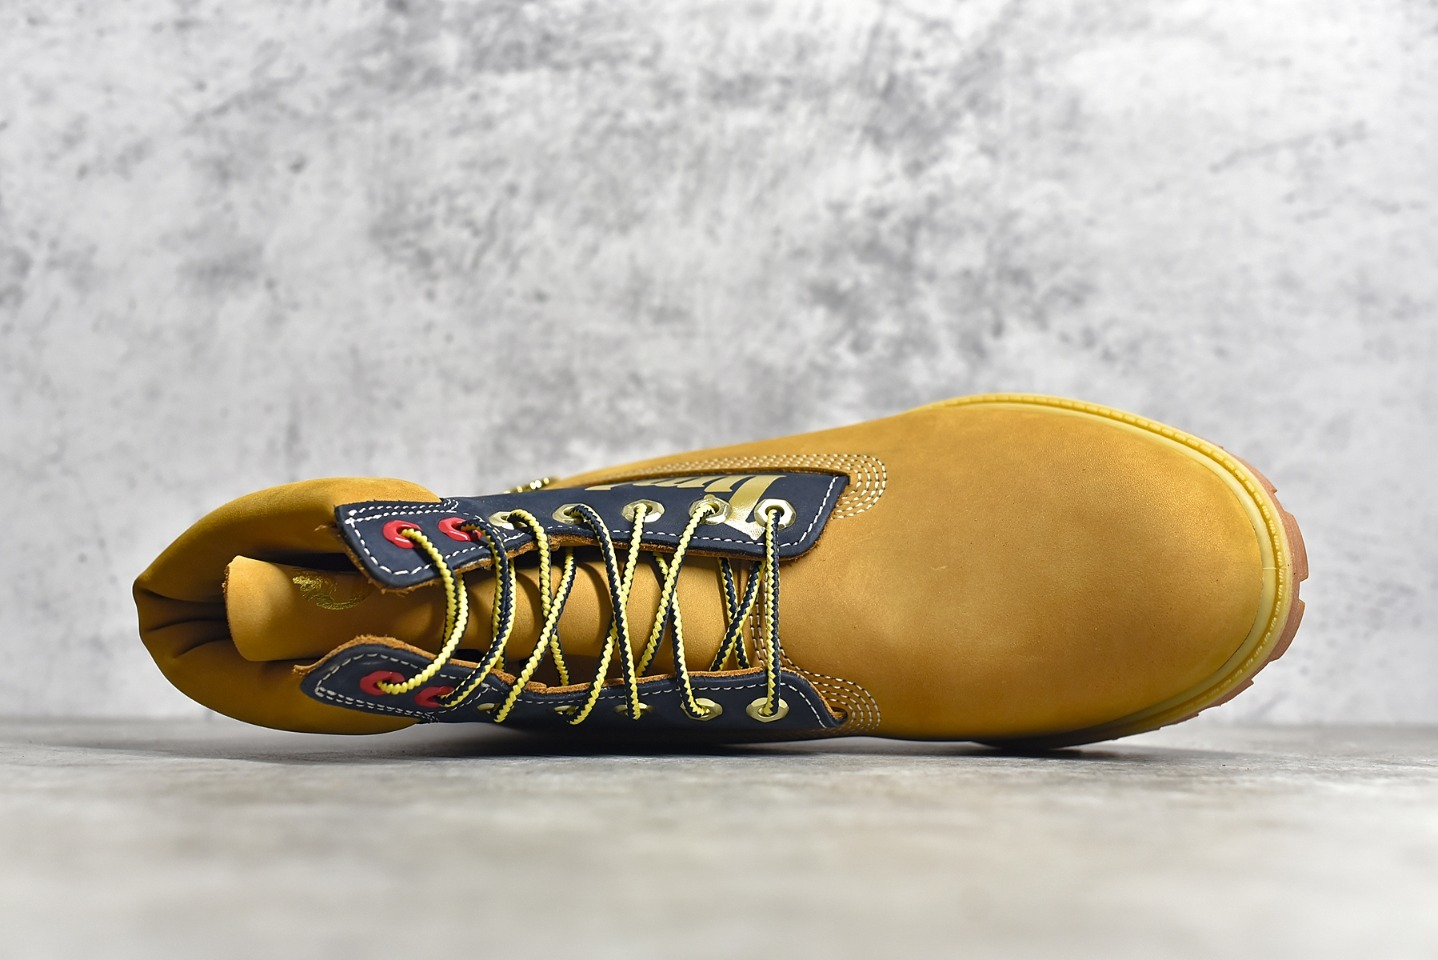 添柏岚拼接色大黄靴 Timbbrland A1URG/V 0A29P6 0A29NW立体印刷Logo 6英寸全能防水-潮流者之家